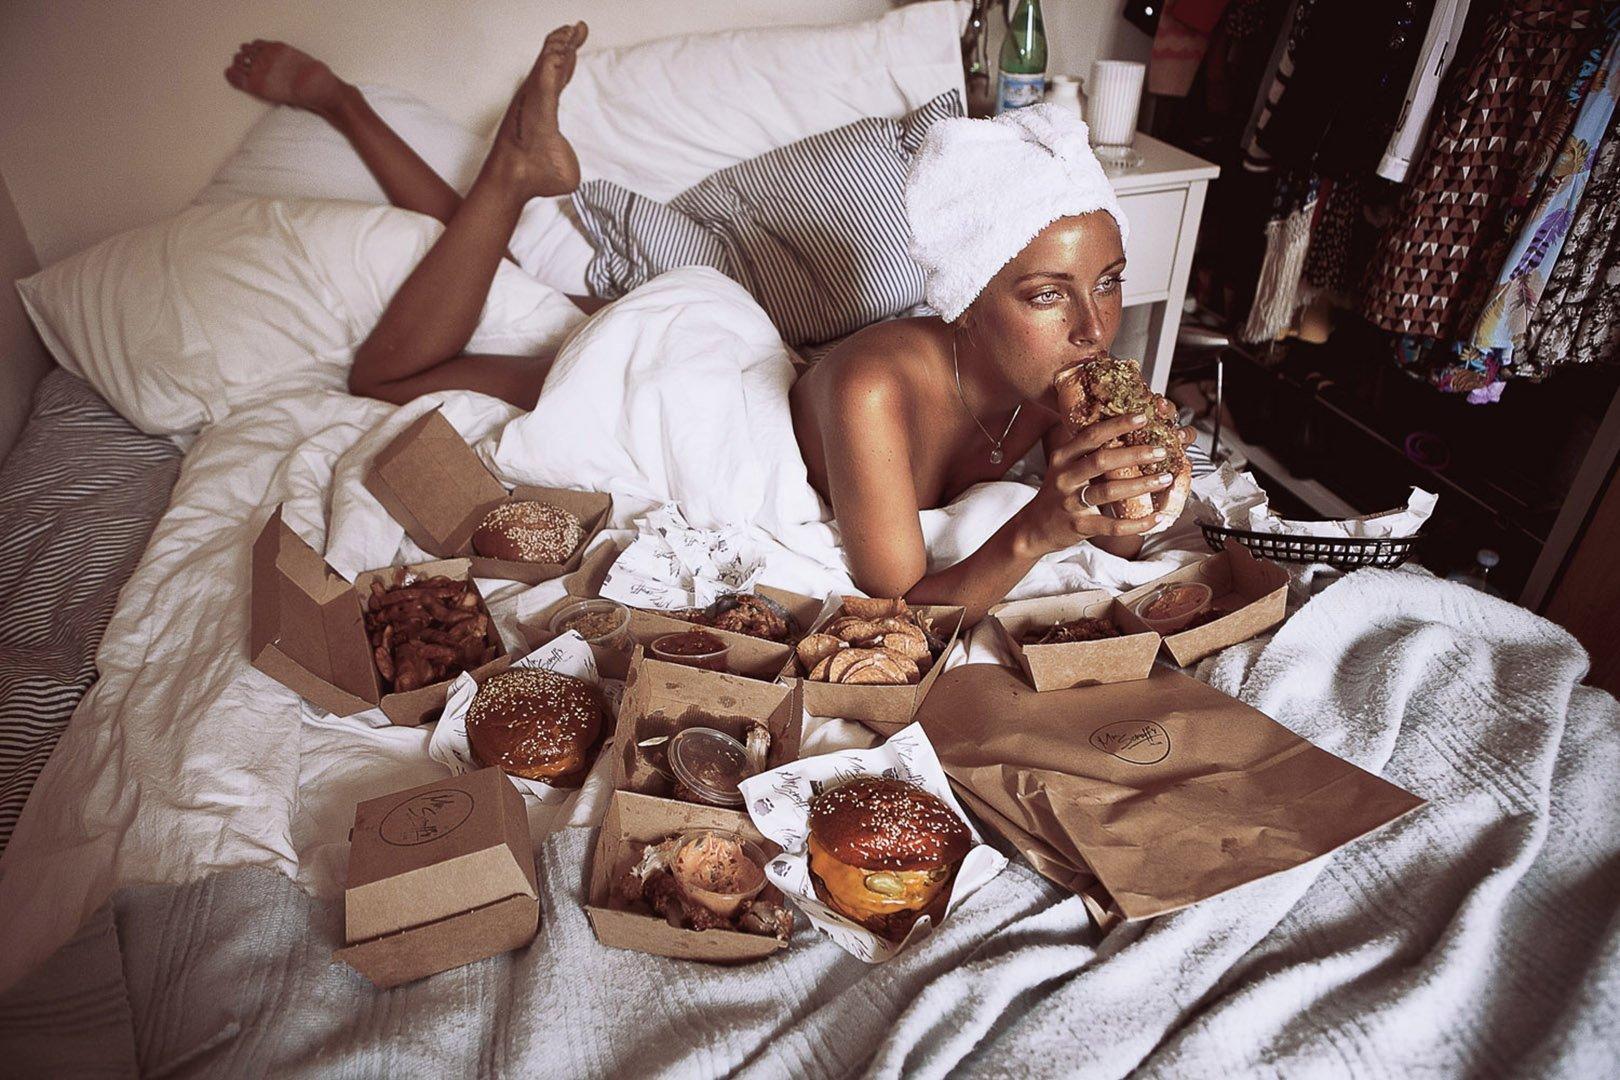 sarah bahbah сара баба секс и еда обнаженные девушки и еда отвратительные мужики disgusting men